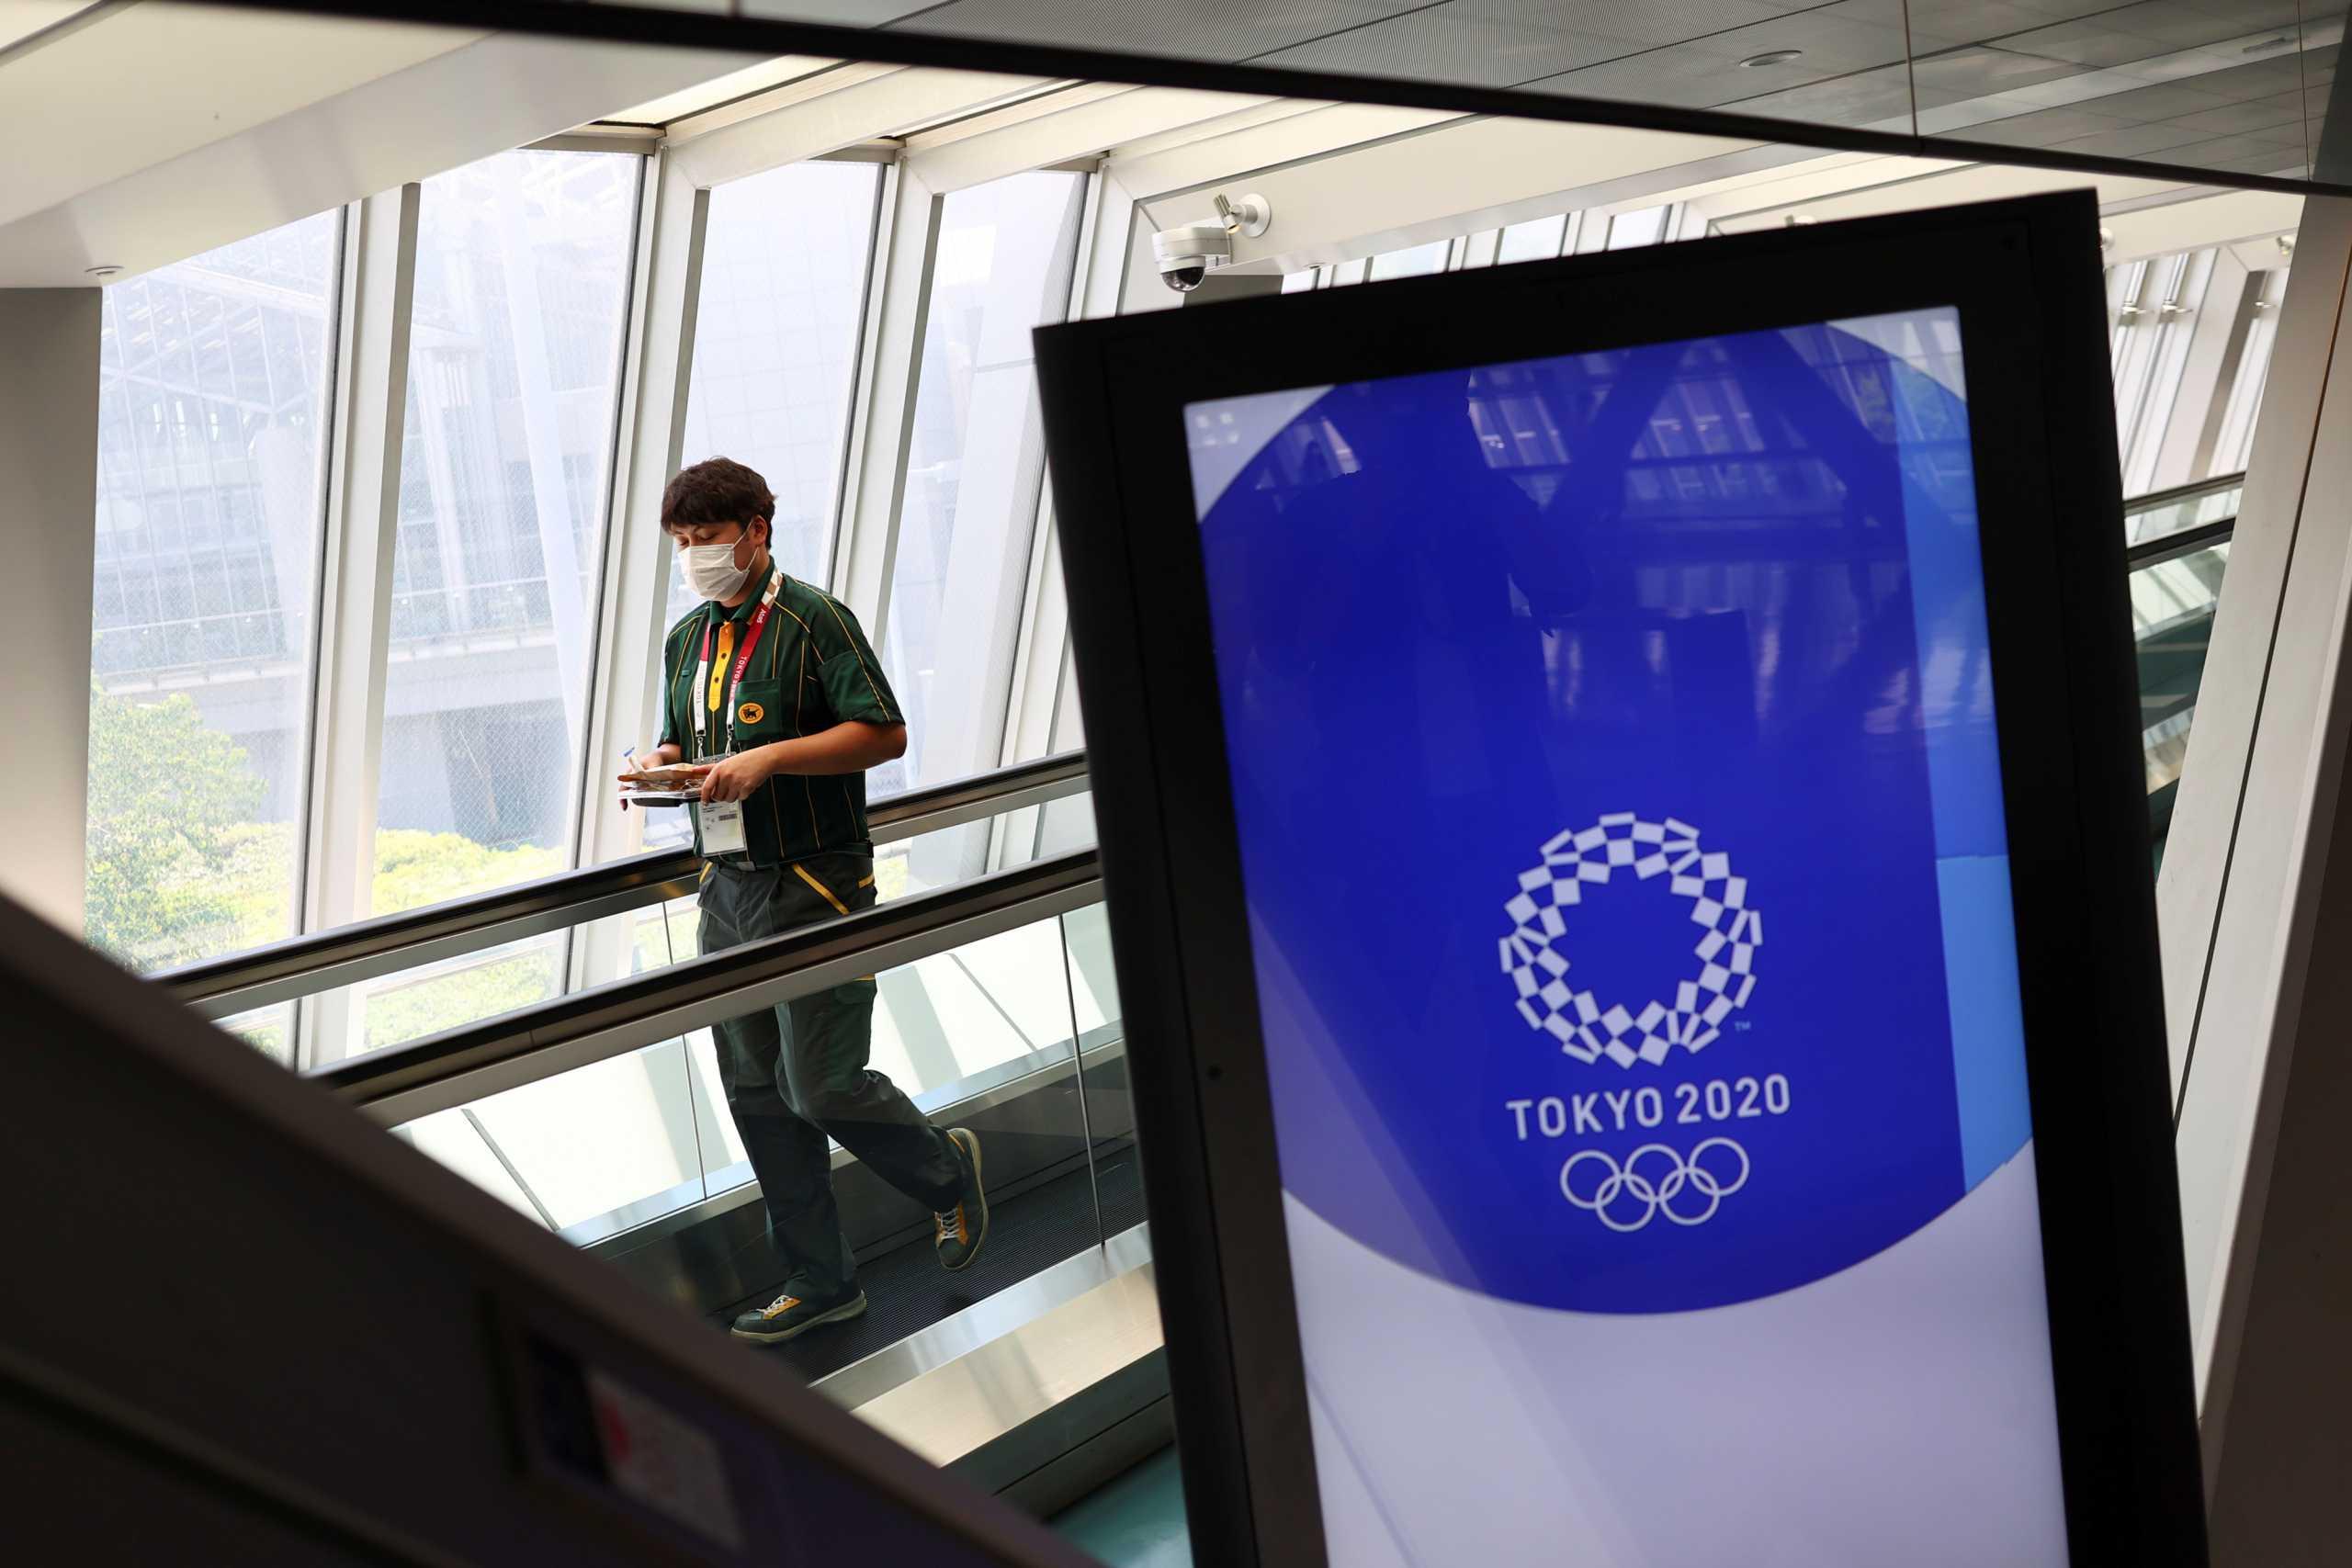 Ολυμπιακοί Αγώνες: «Έβαλαν» GPS σε όλα τα μέλη των αποστολών